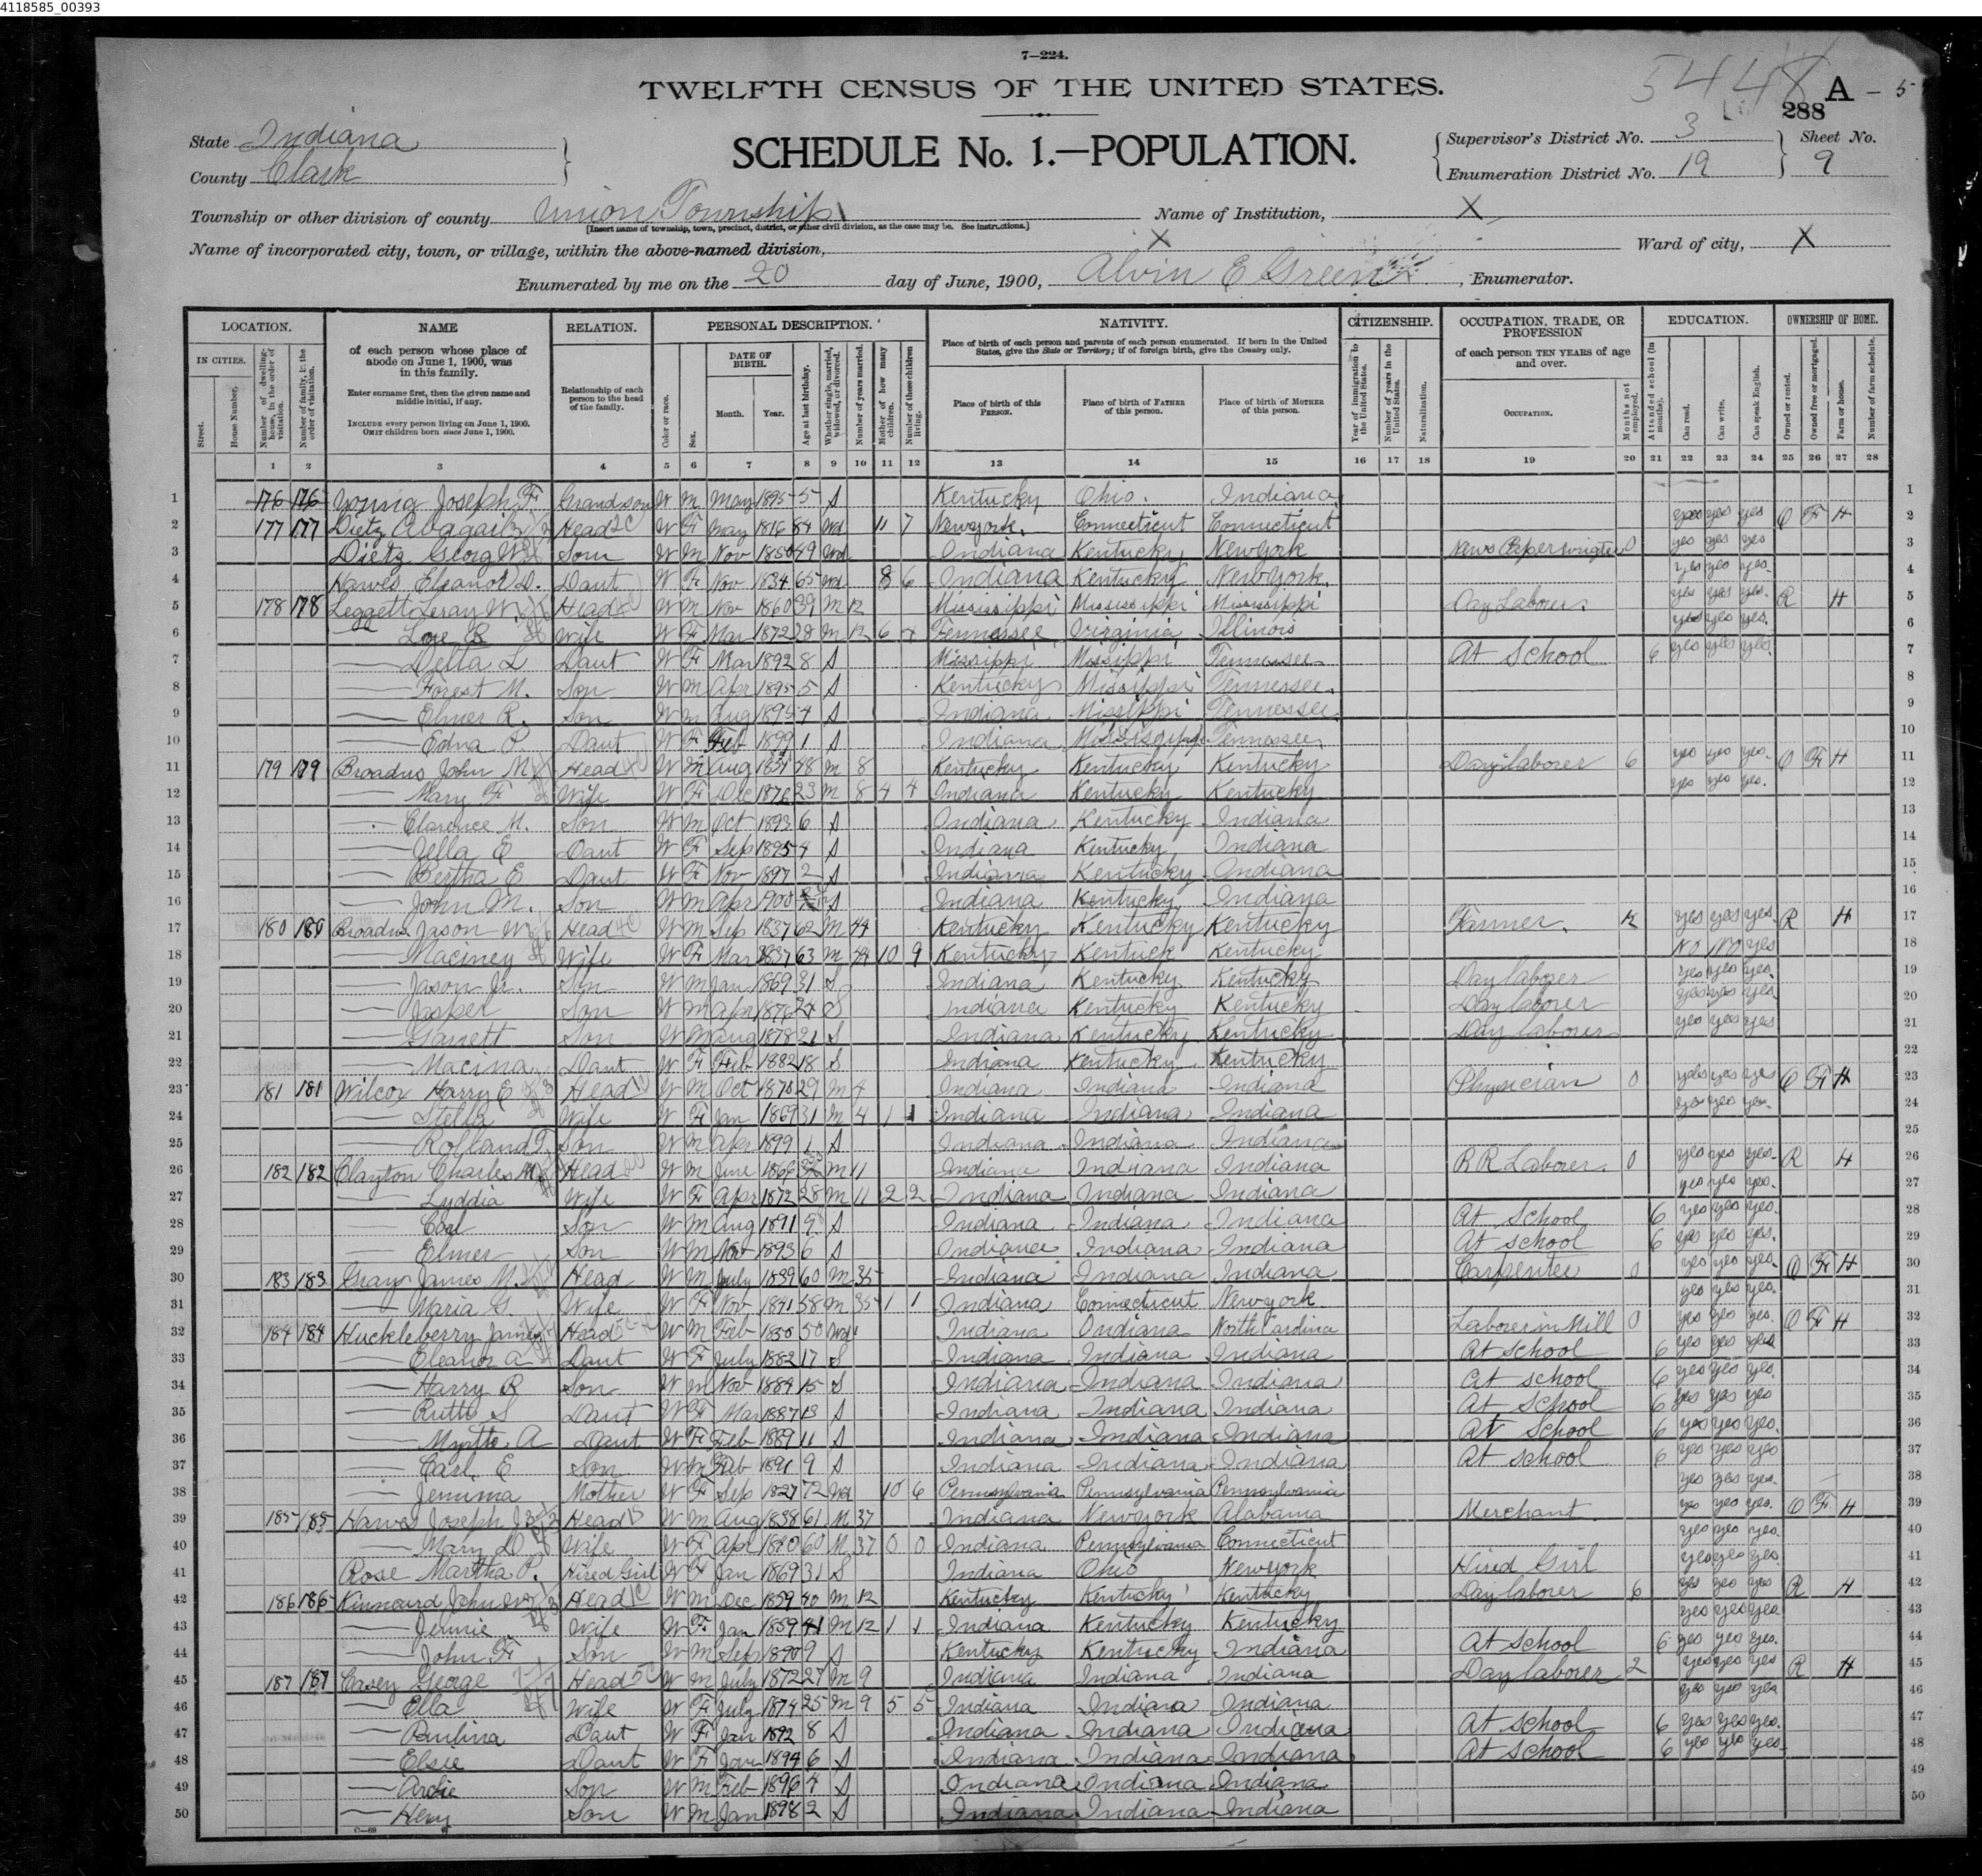 Wilcox 1900 census